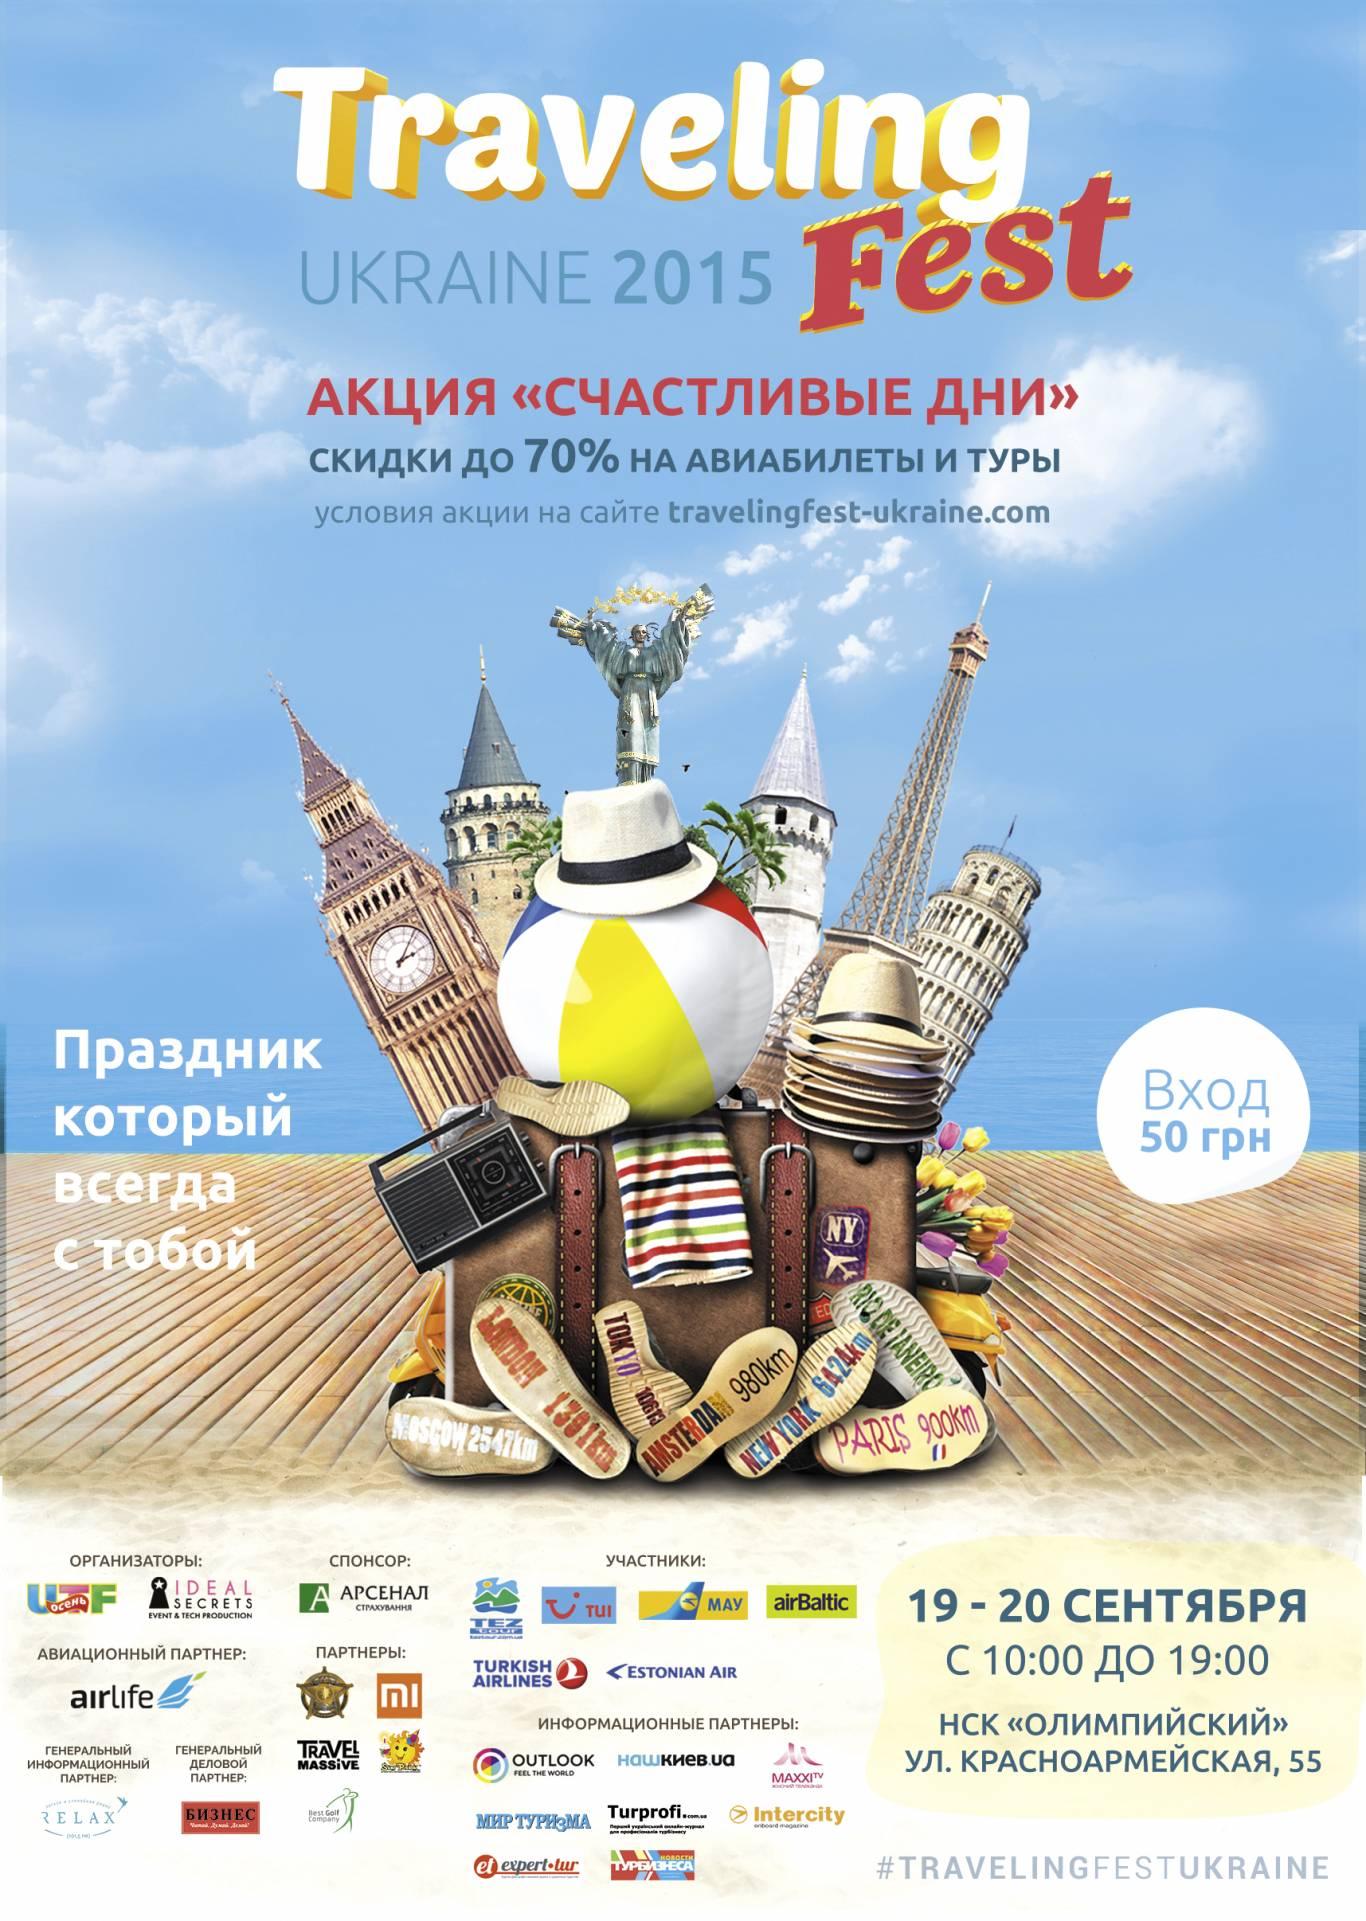 Traveling FEST Ukraine